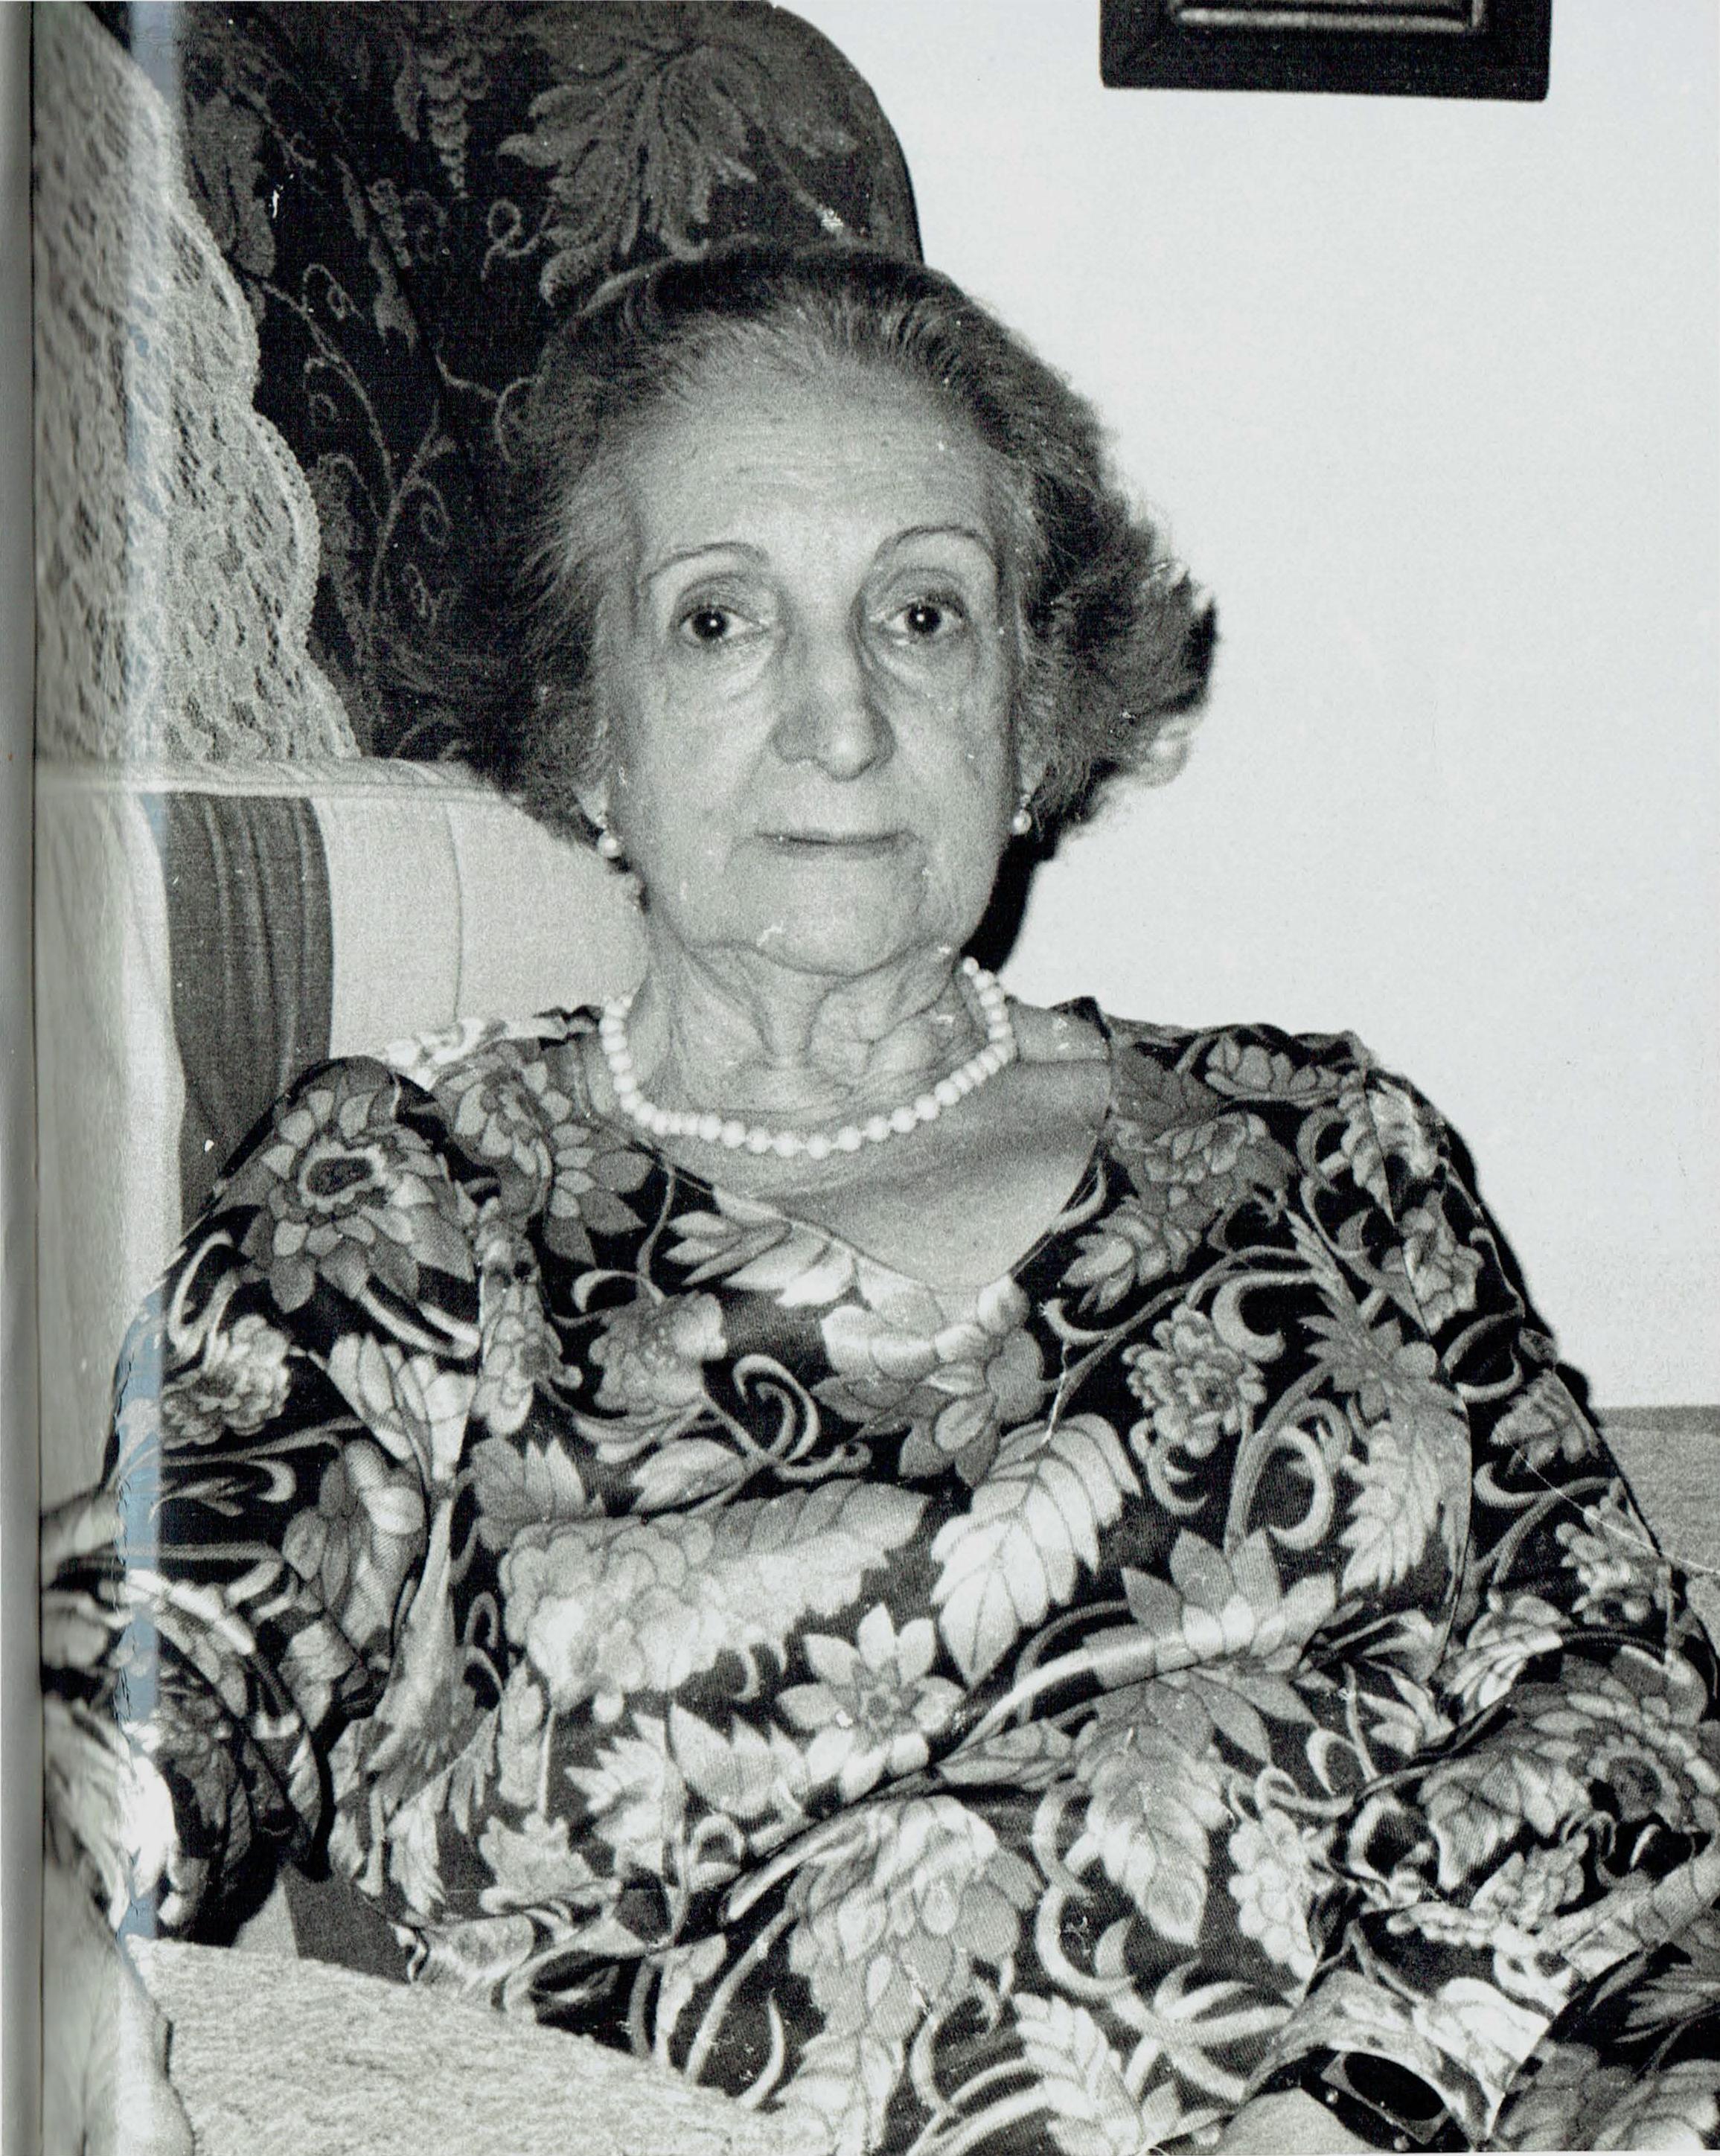 Entrevista realizada a Florinda San Agustín Labrada, realizada en su domicilio particular por Dolores Pla